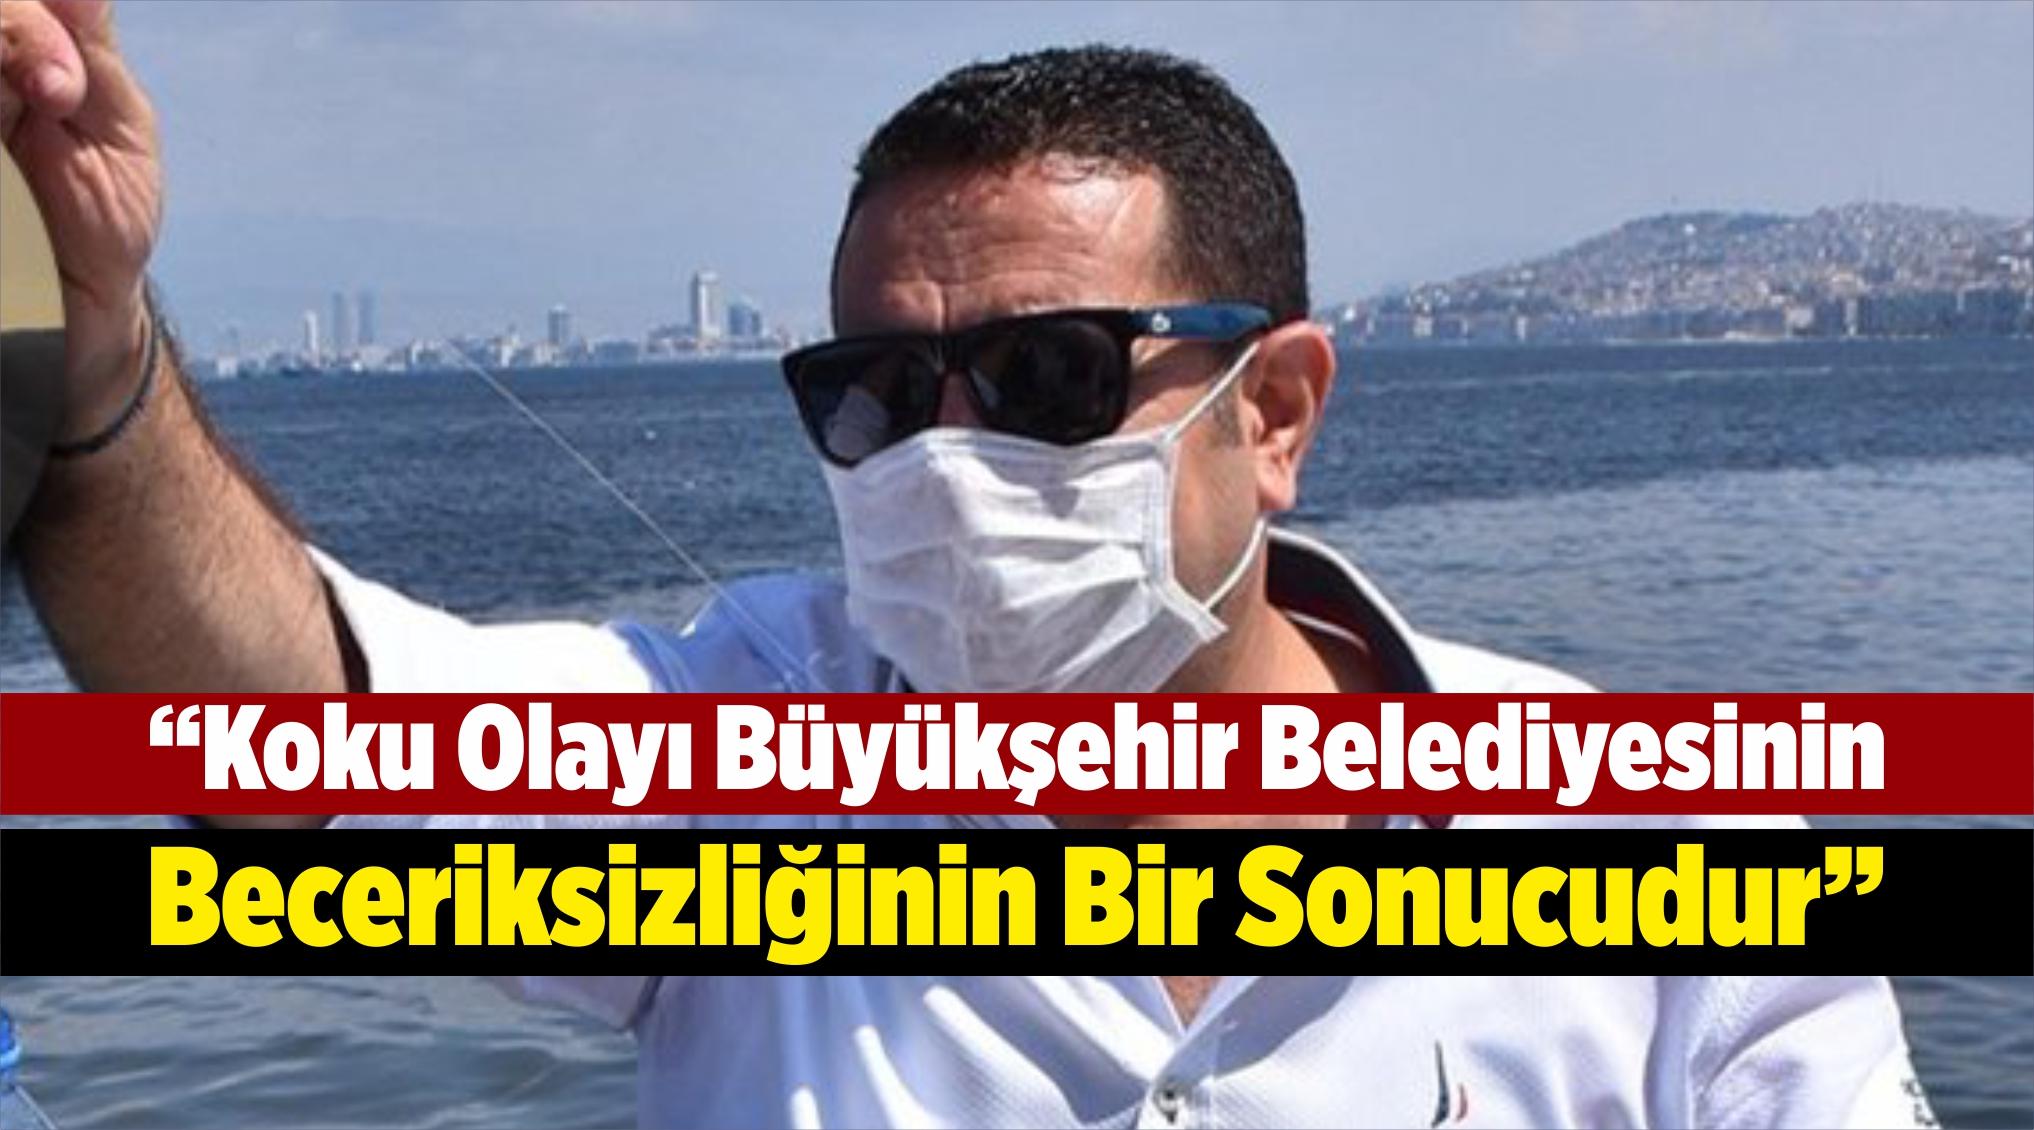 """""""Koku Olayı Büyükşehir Belediyesinin Beceriksizliğinin Bir Sonucudur"""""""